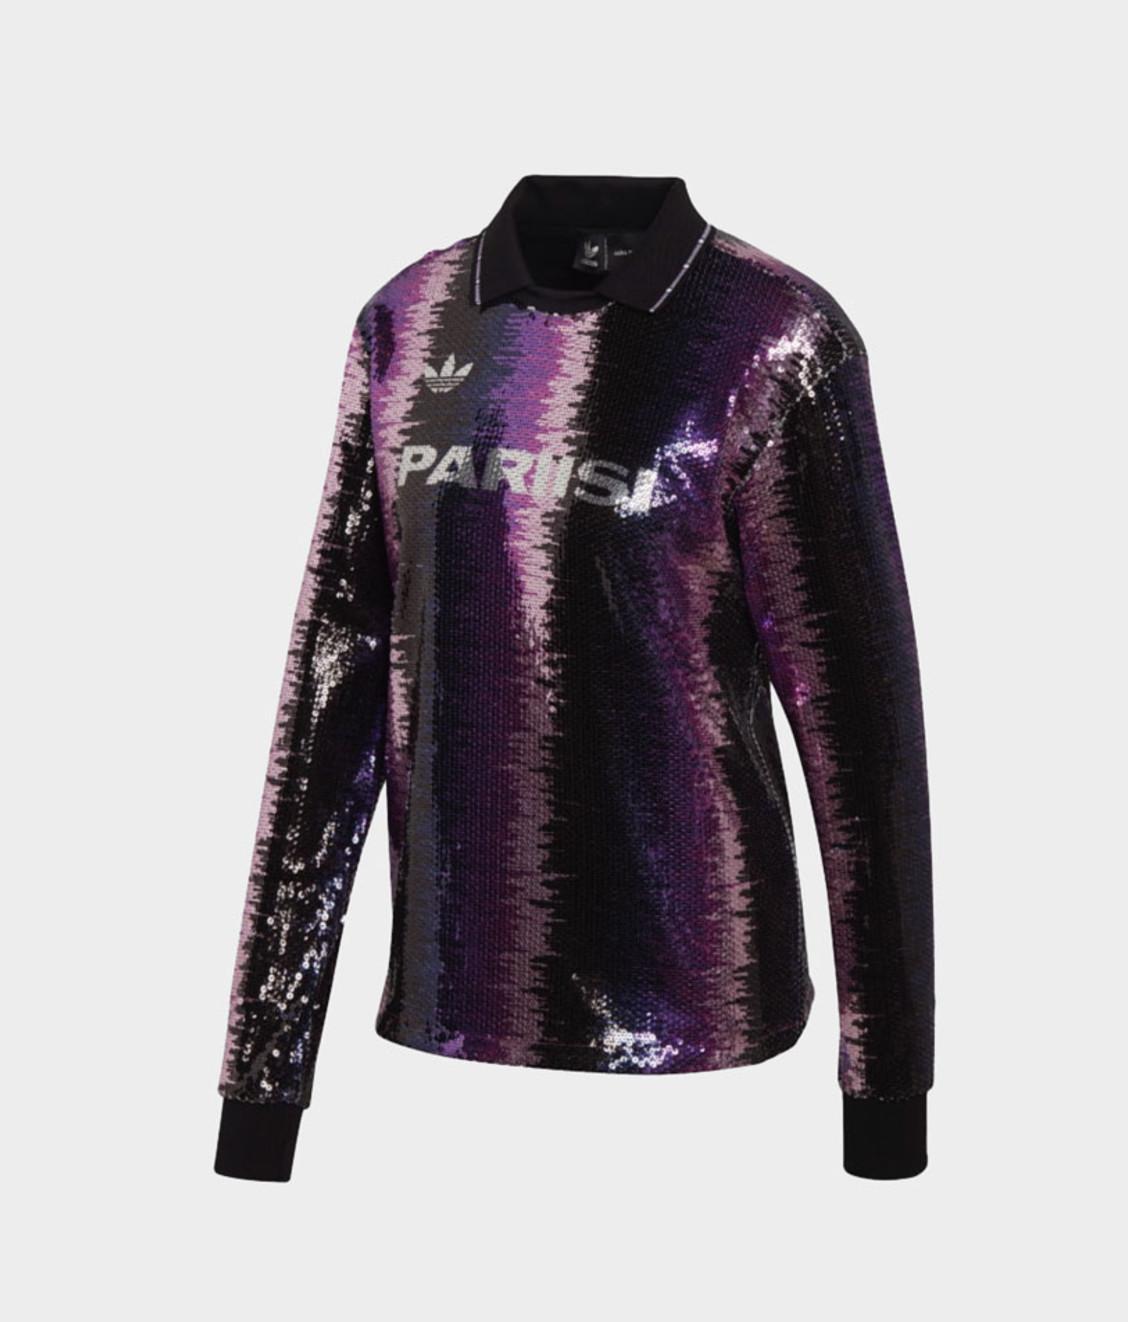 Adidas Adidas Football Jersey Purple